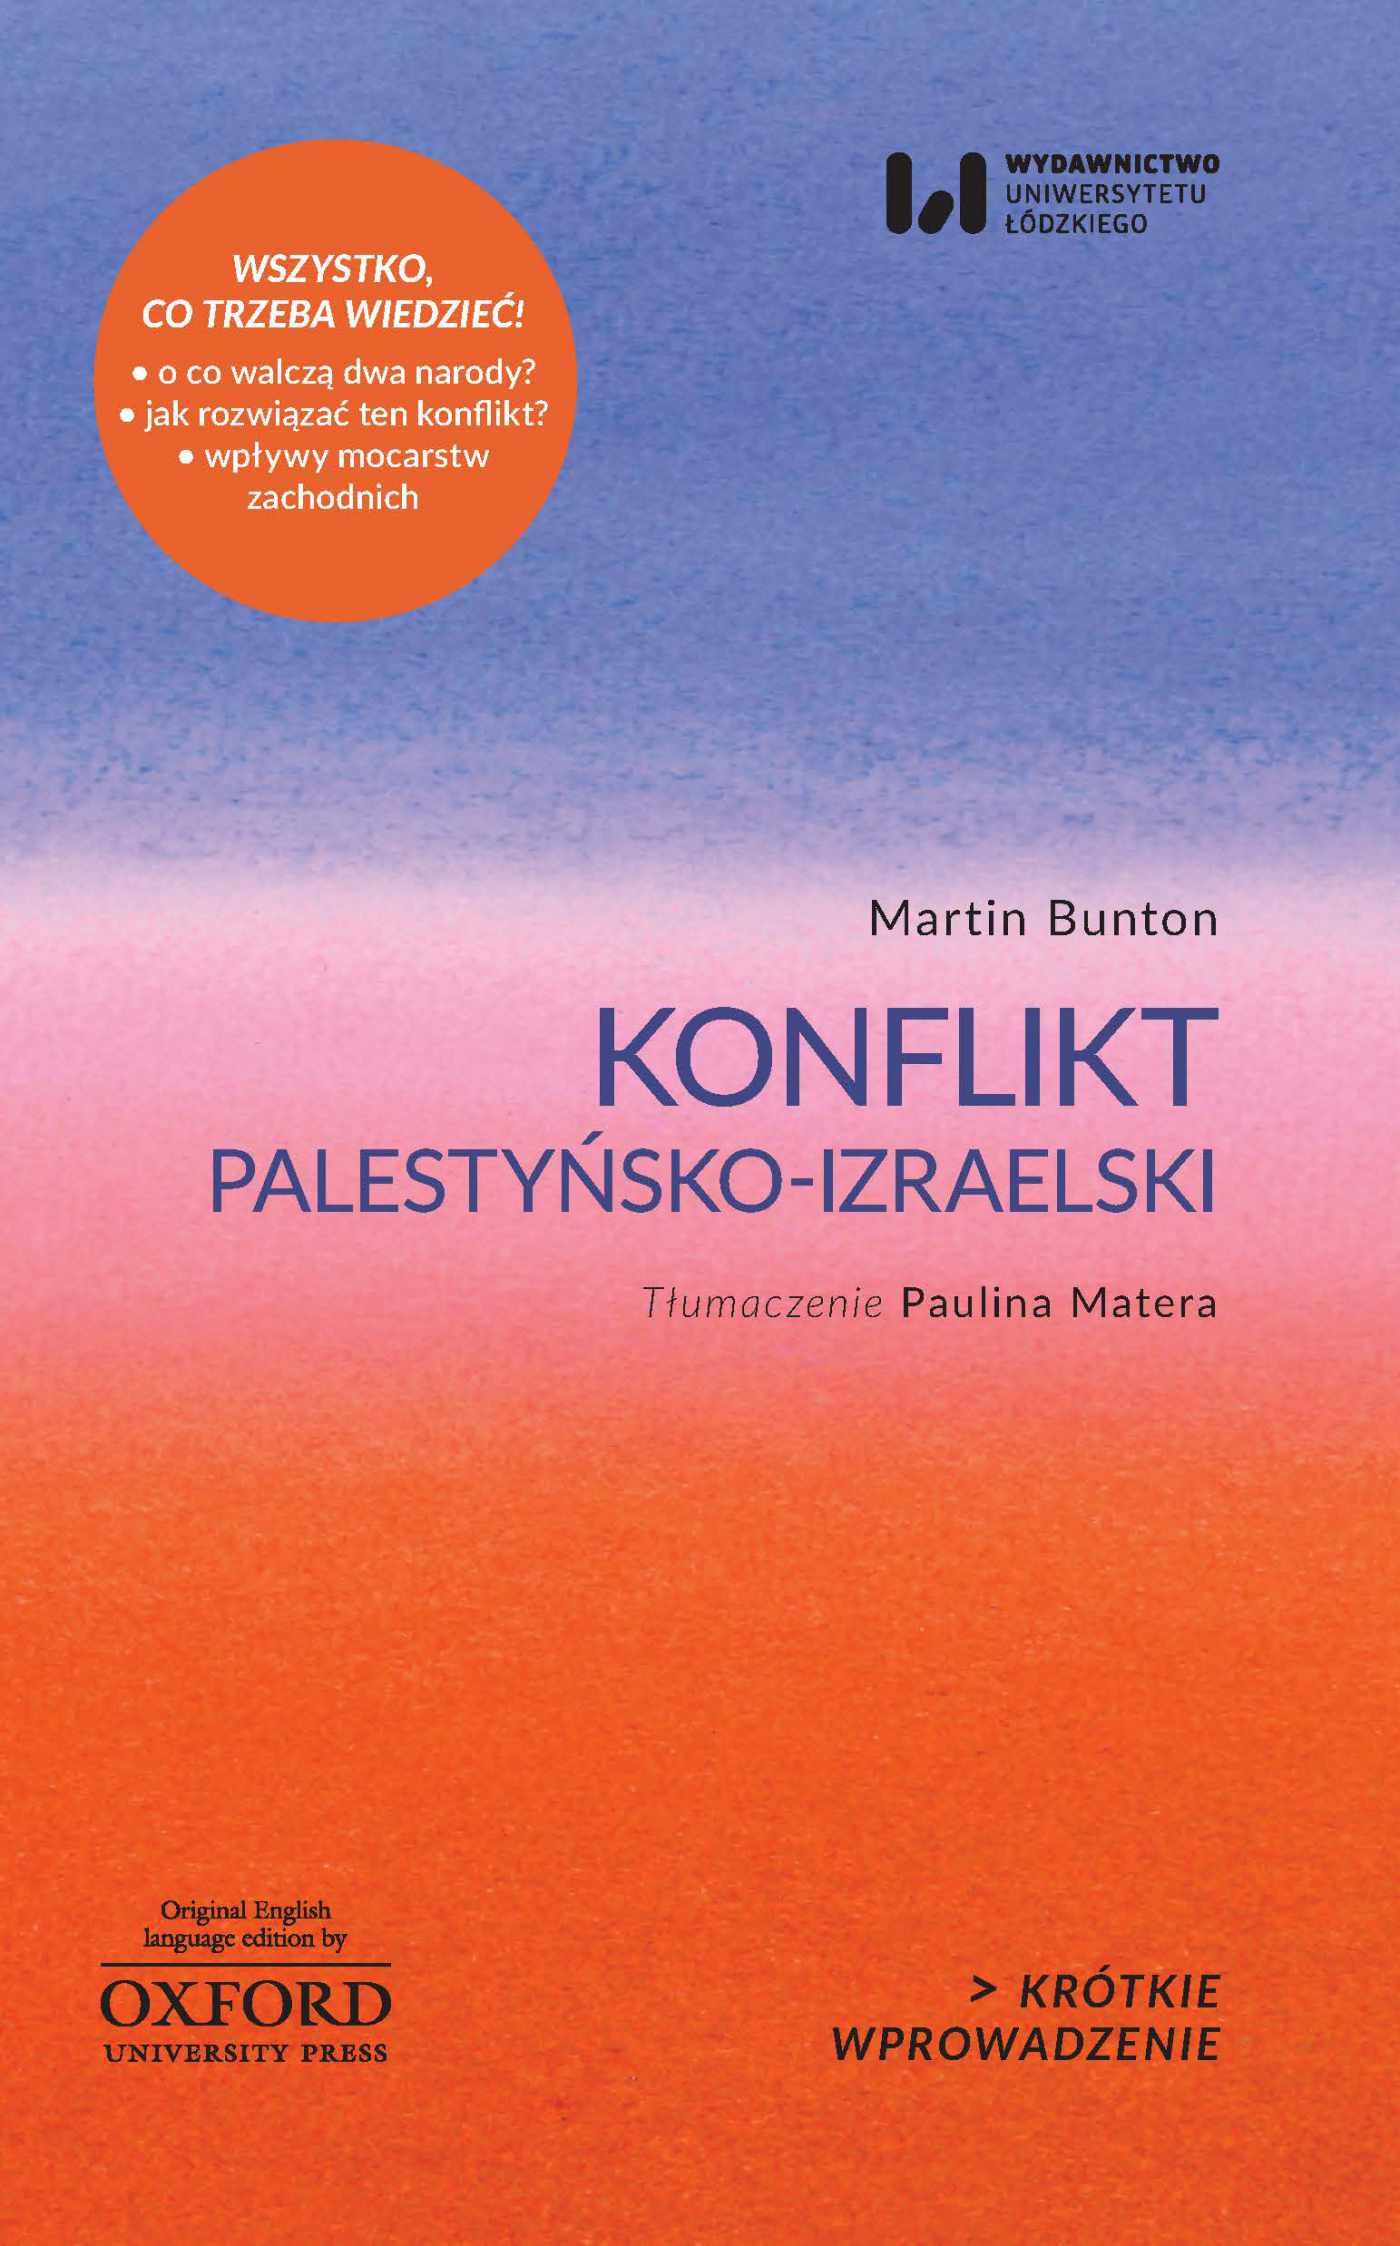 Konflikt palestyńsko-izraelski. Krótkie Wprowadzenie 4 - Ebook (Książka EPUB) do pobrania w formacie EPUB